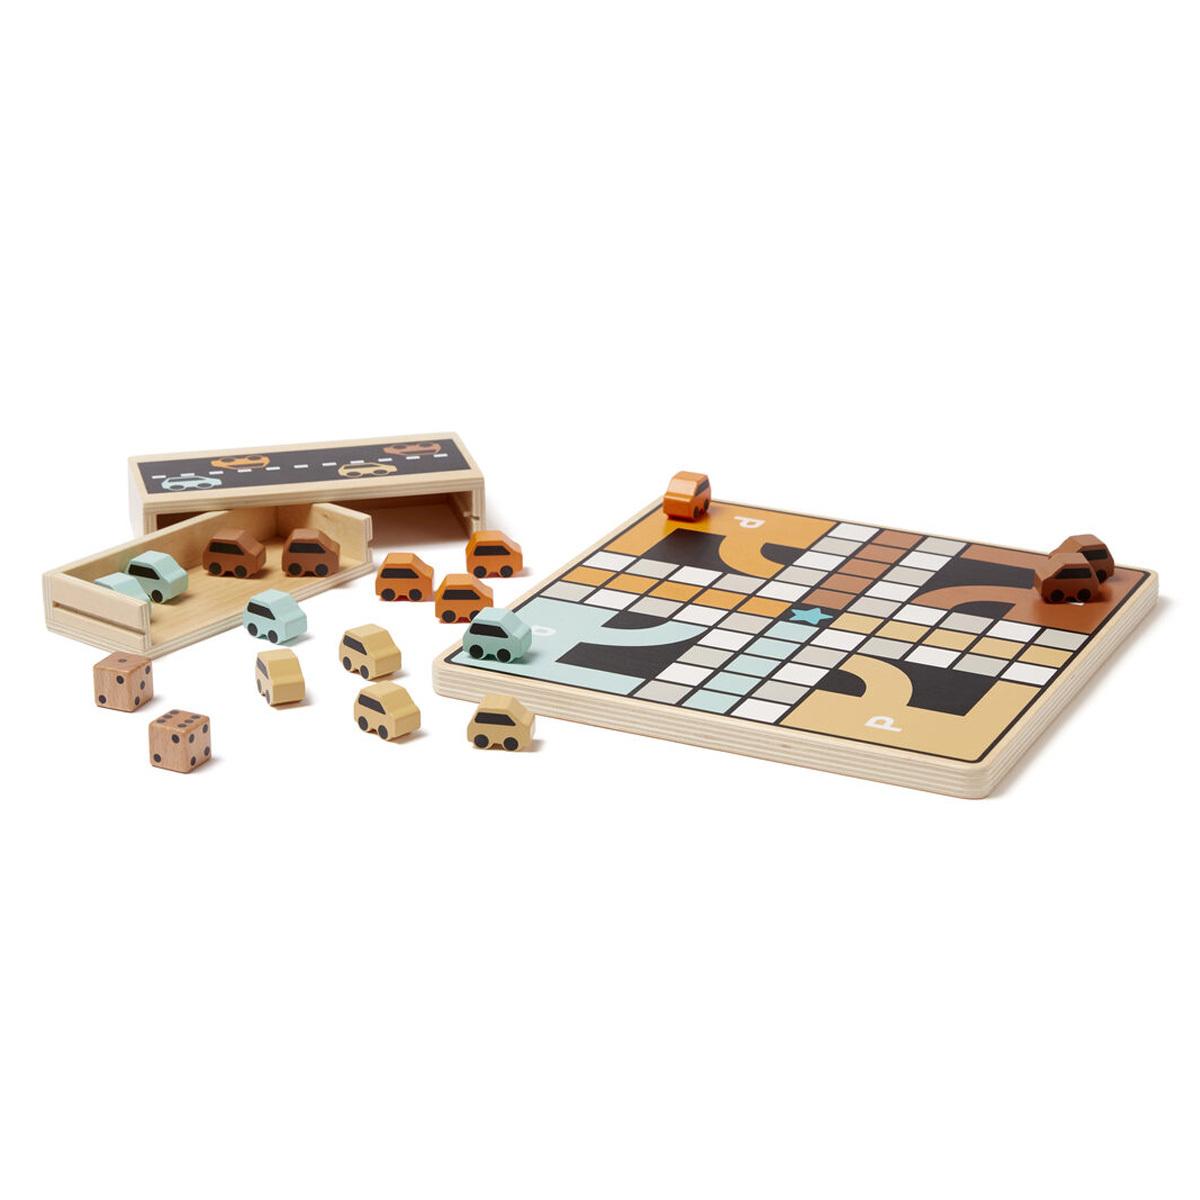 Mes premiers jouets Plateau de Jeu Petites Voitures Aiden Plateau de Jeu Petites Voitures Aiden